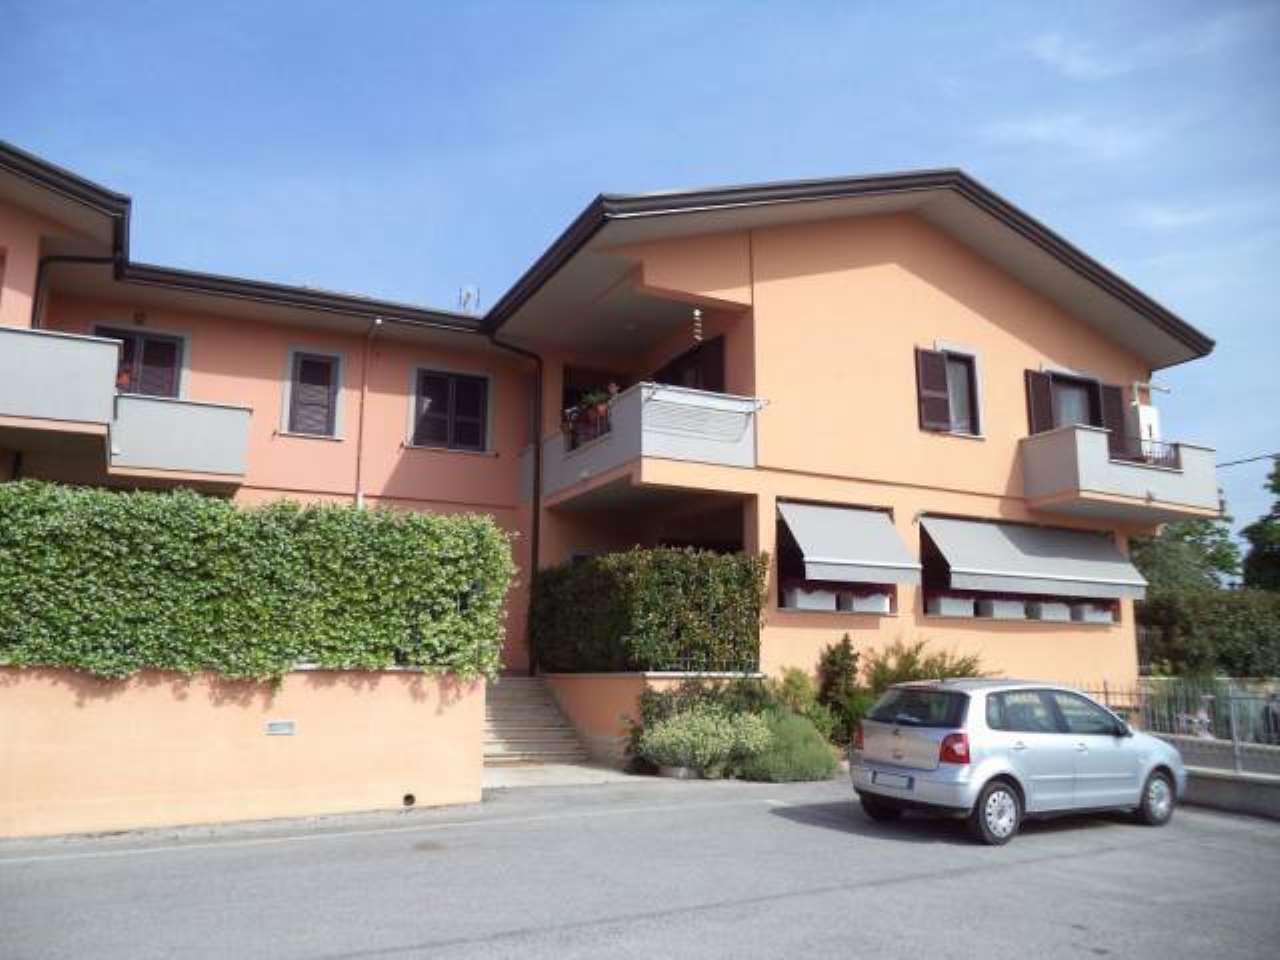 Appartamento in vendita a Arce, 4 locali, prezzo € 119.000 | CambioCasa.it